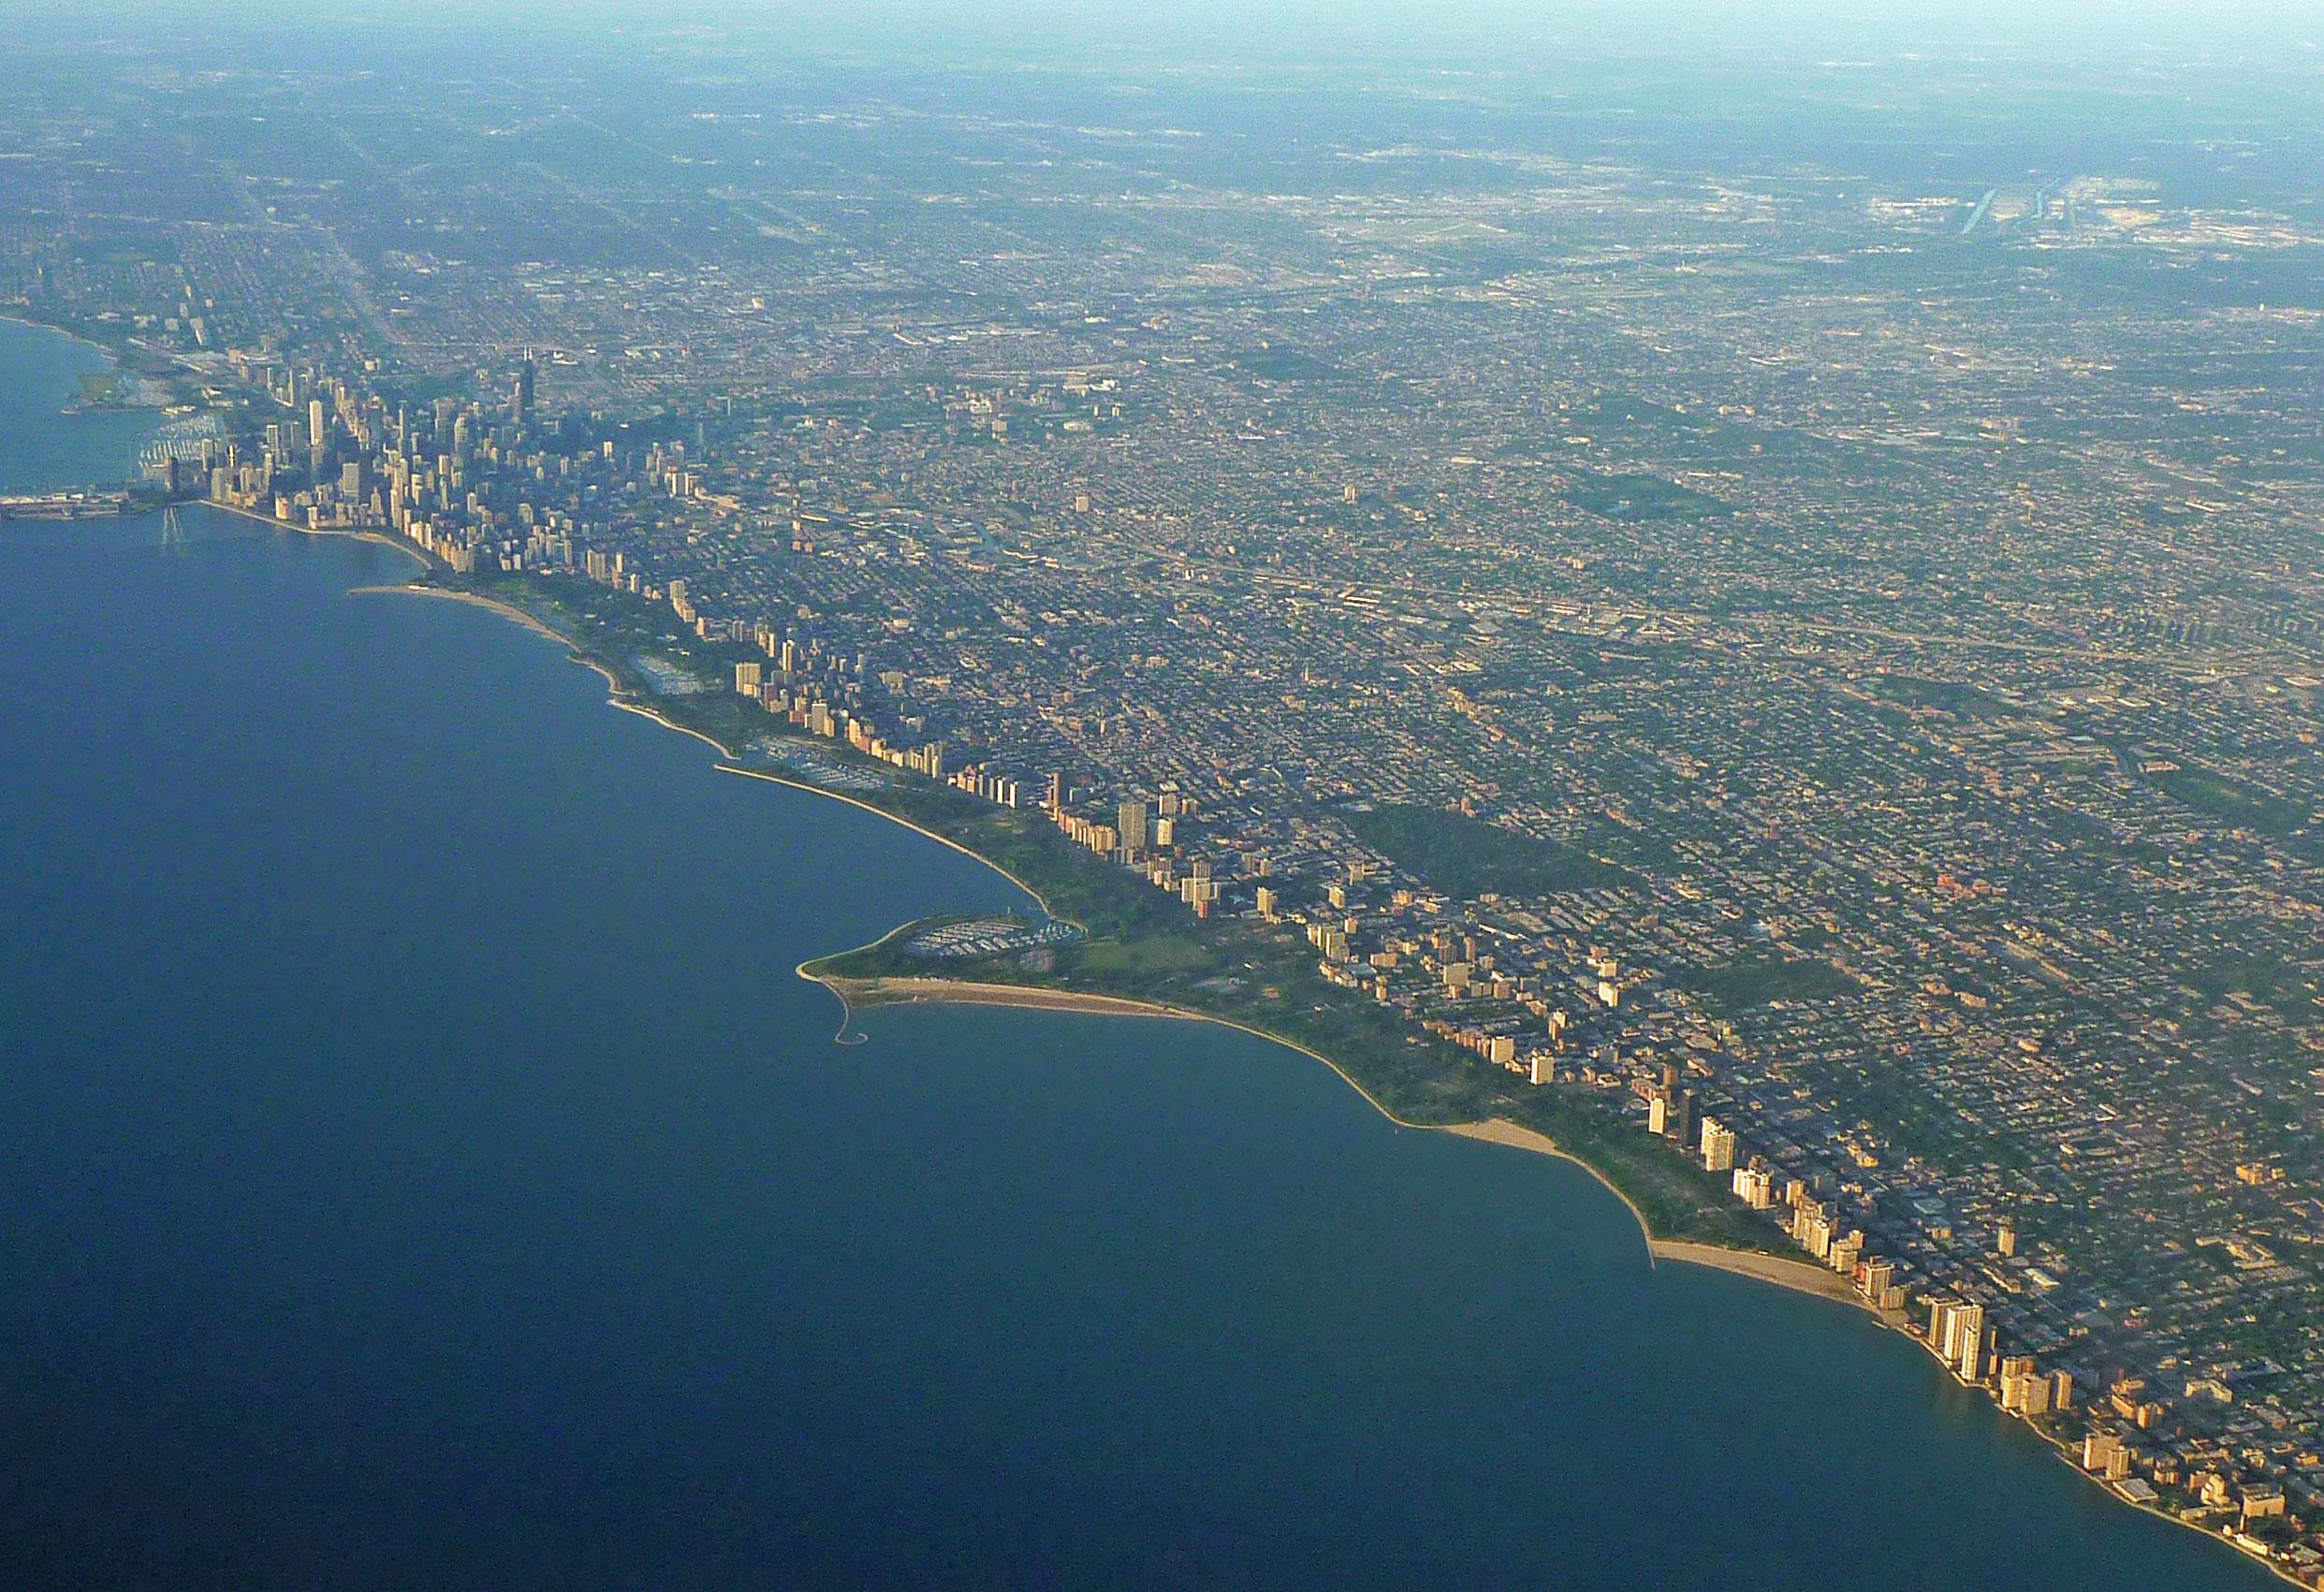 File:Full chicago skyline.jpg